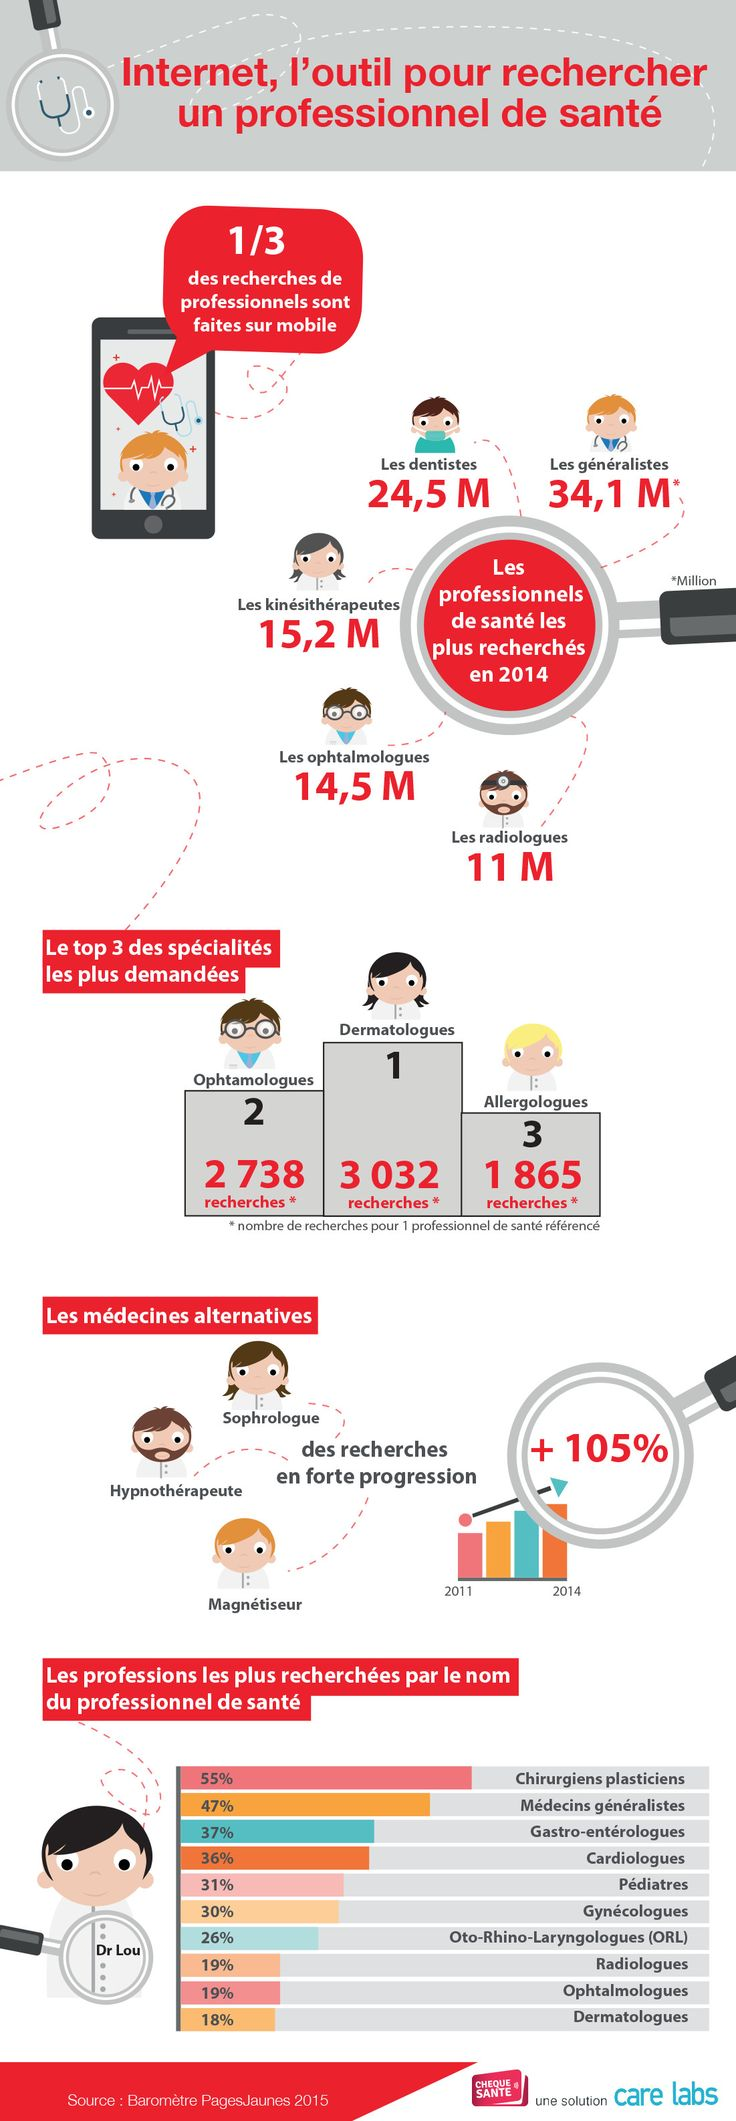 INFOGRAPHIE : Internet, l'outil pour rechercher un professionnel de santé  bit.ly/1KfCMQJ #esanté #ehealth #santéconnectée #hcsmeufr